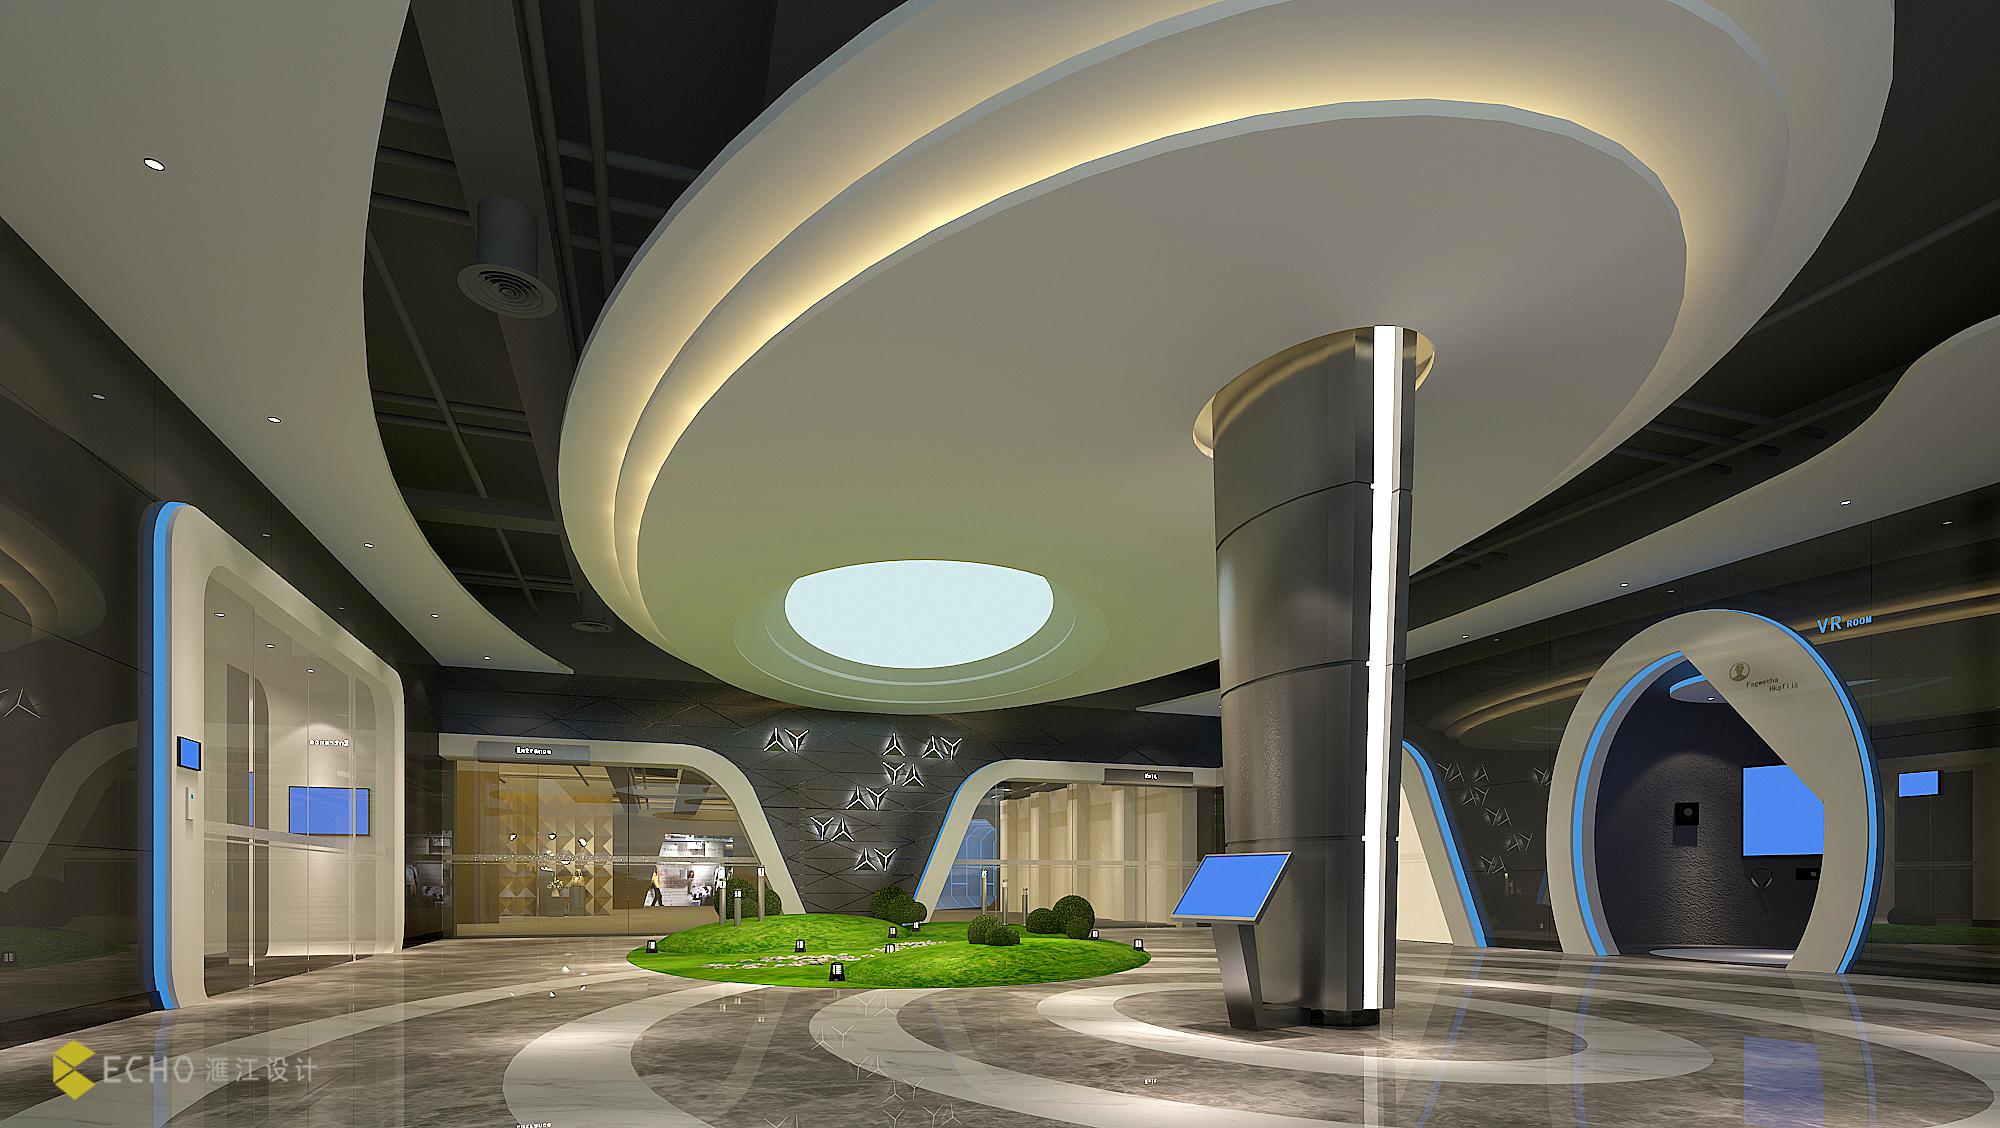 哪种企业展厅设计容易吸引消费者关注